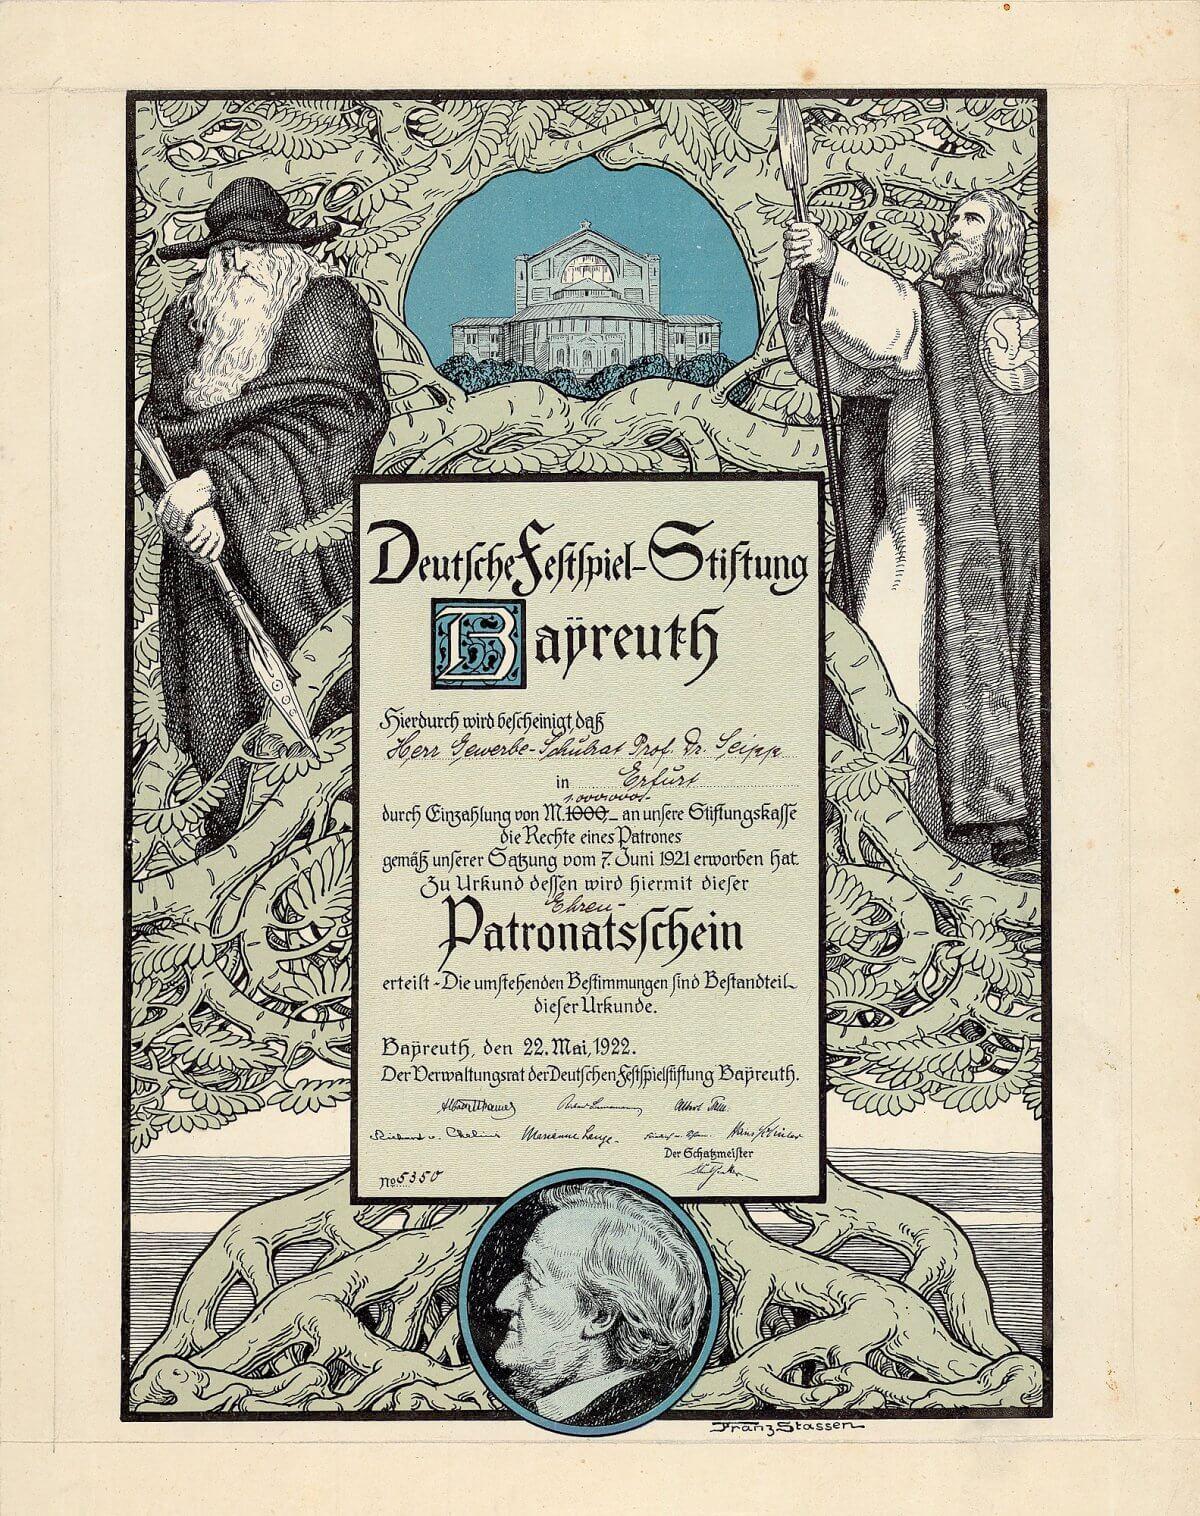 Deutsche Festspiel-Stiftung, Bayreuth, Patronatsschein über 1 Million Mark von 1922. Ein ungemein dekoratives und historisch wichtiges Stück nach einem Entwurf von Franz Stassen, mit Ansicht des Schauspielhauses und Porträt von Richard Wagner.